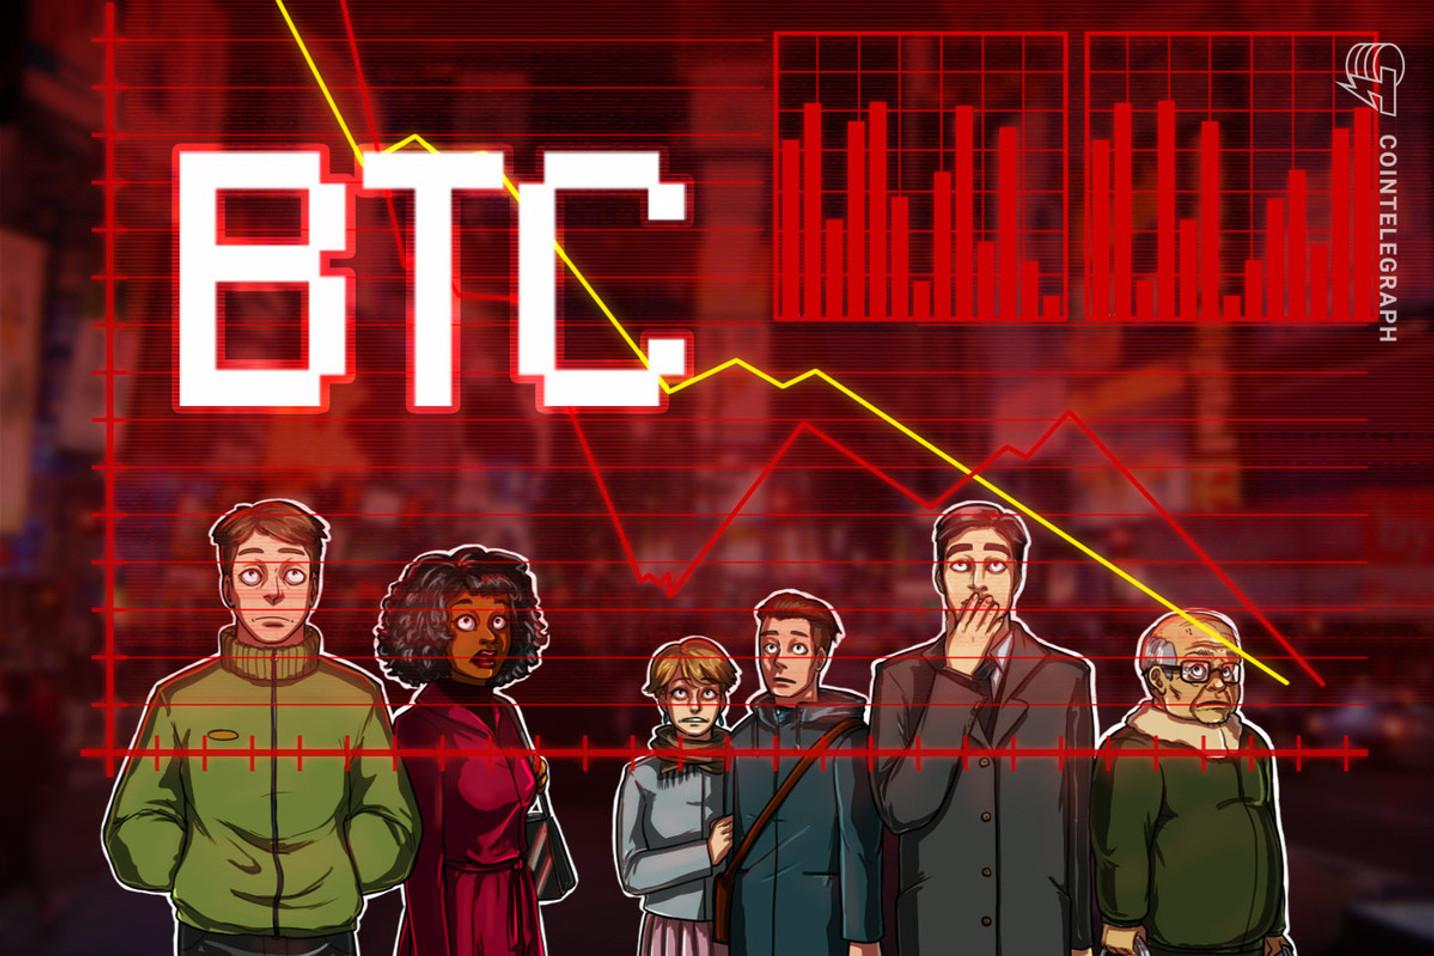 URGENTE: Bitcoin cai mais de 17% em 1 hora e fica abaixo de US$ 6.000